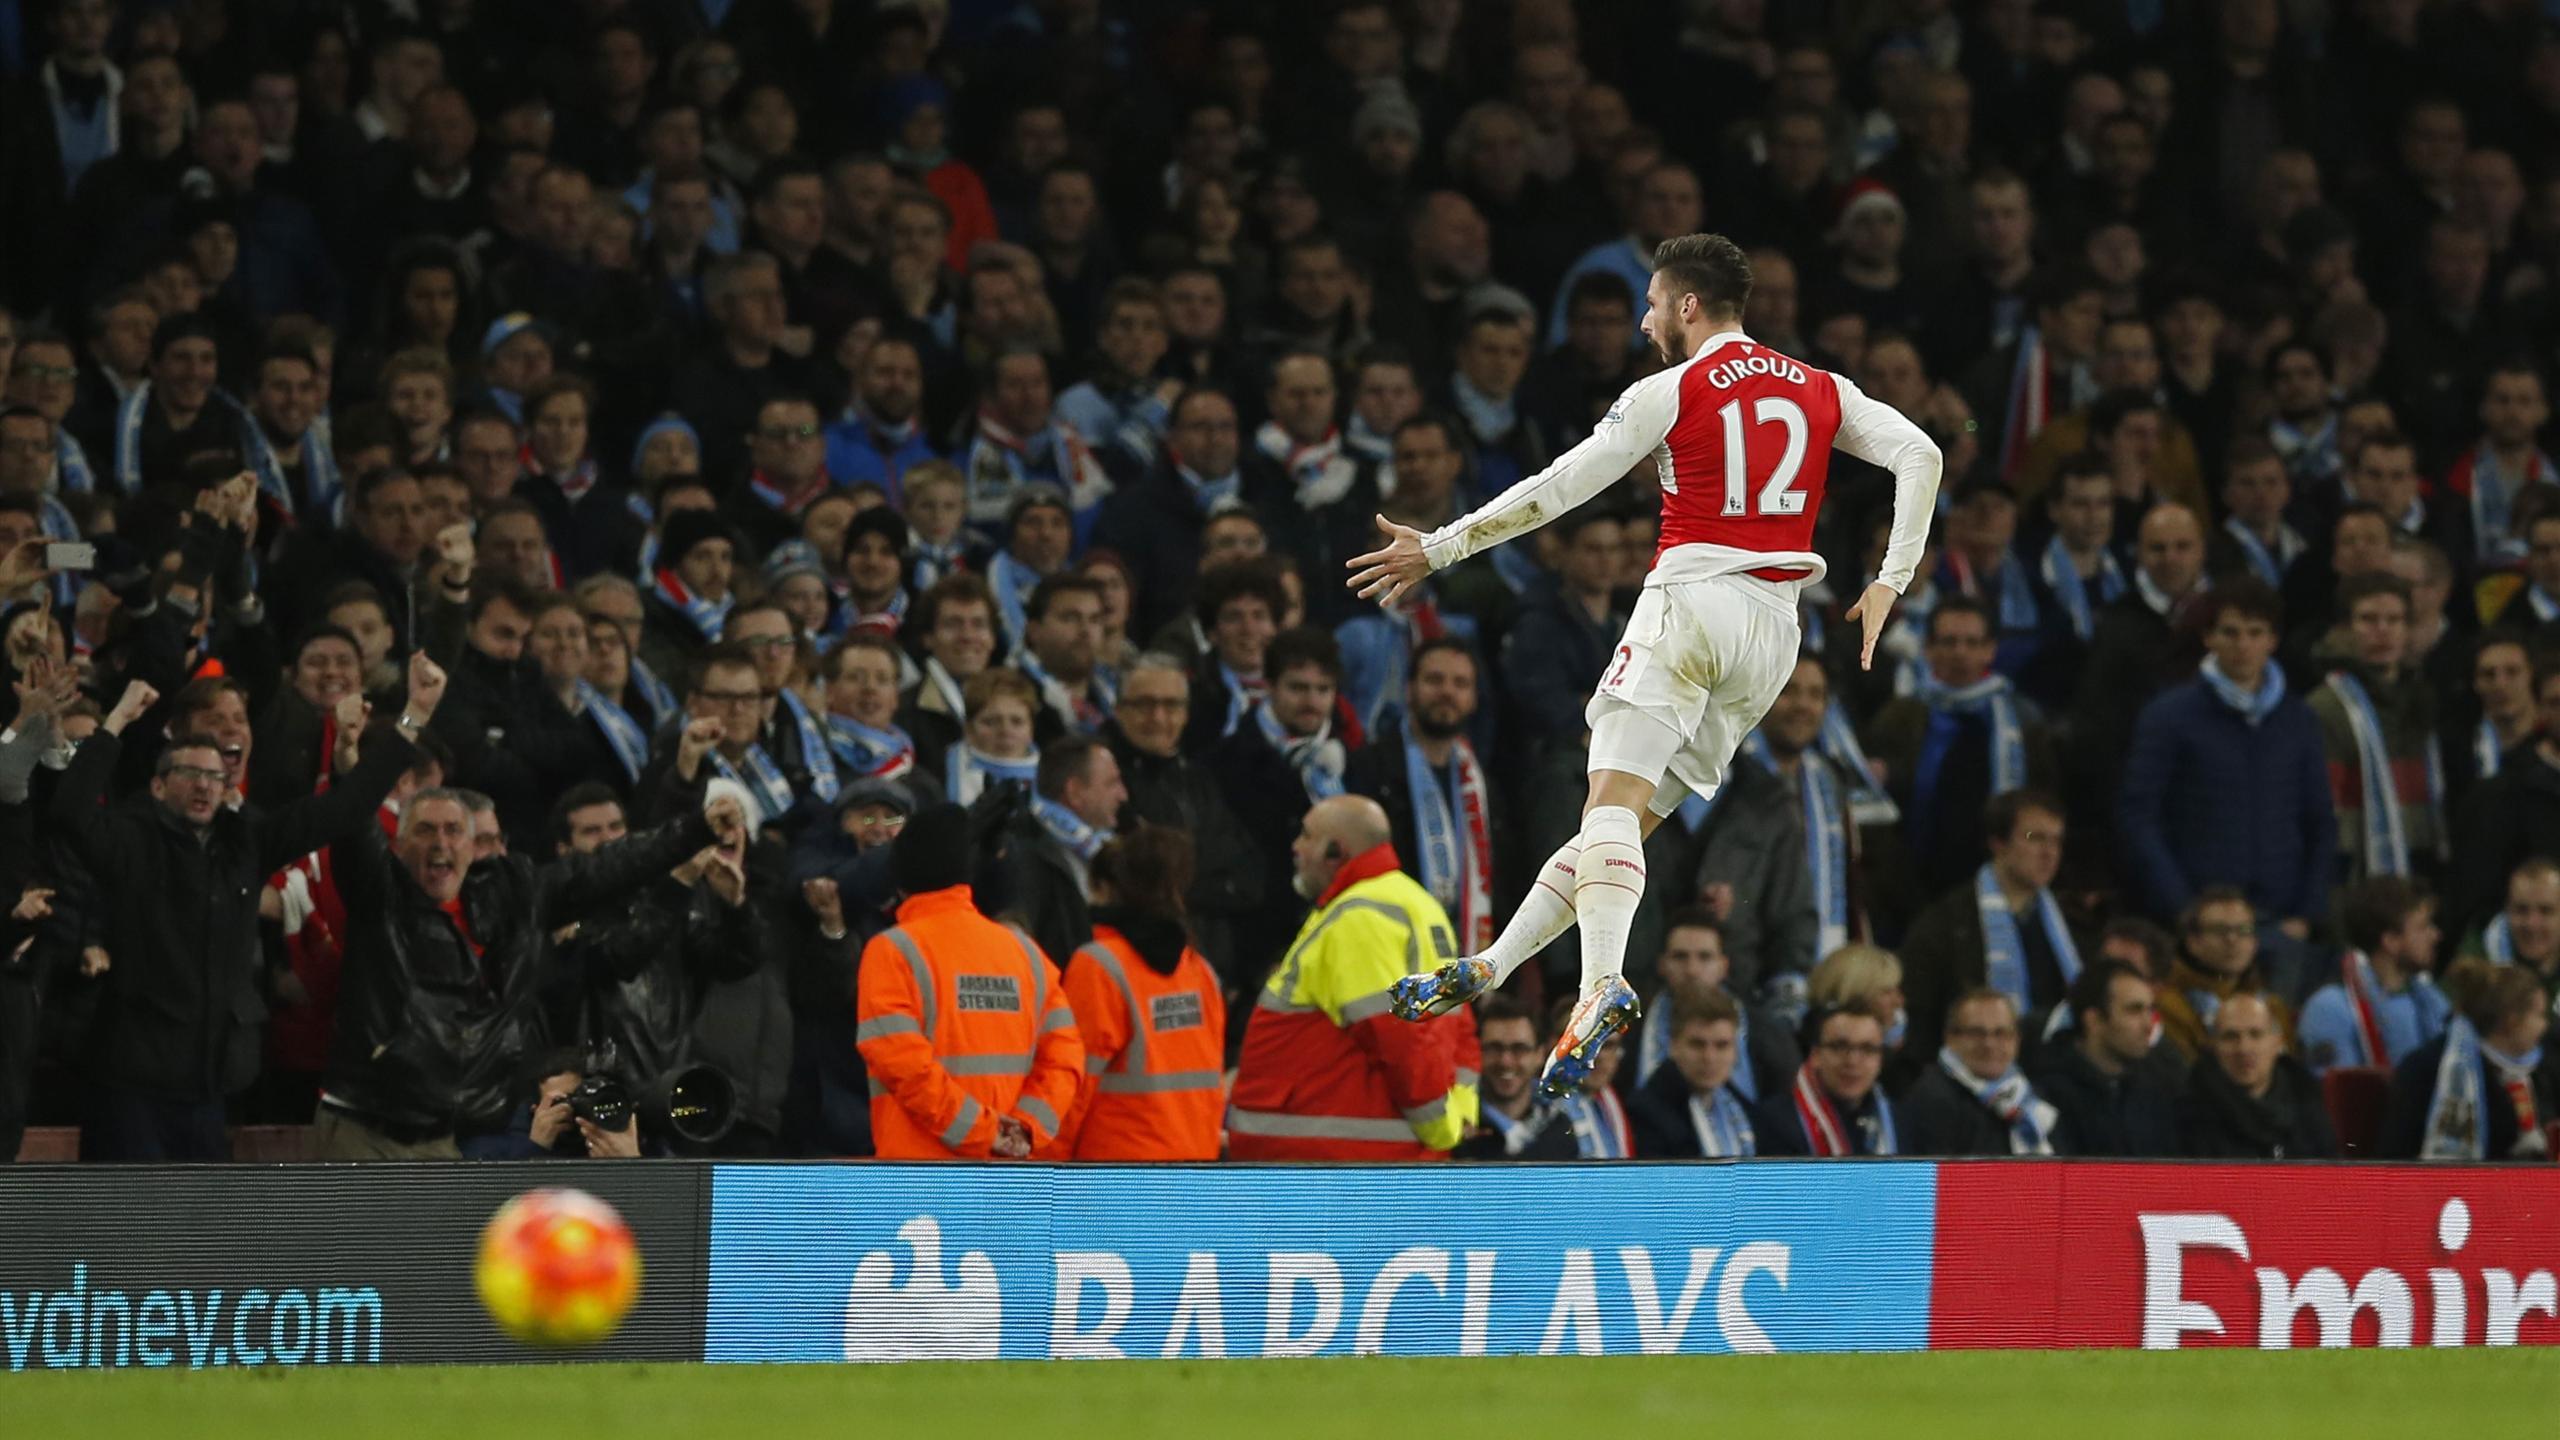 Olivier Giroud celebrates scoring the second goal for Arsenal.